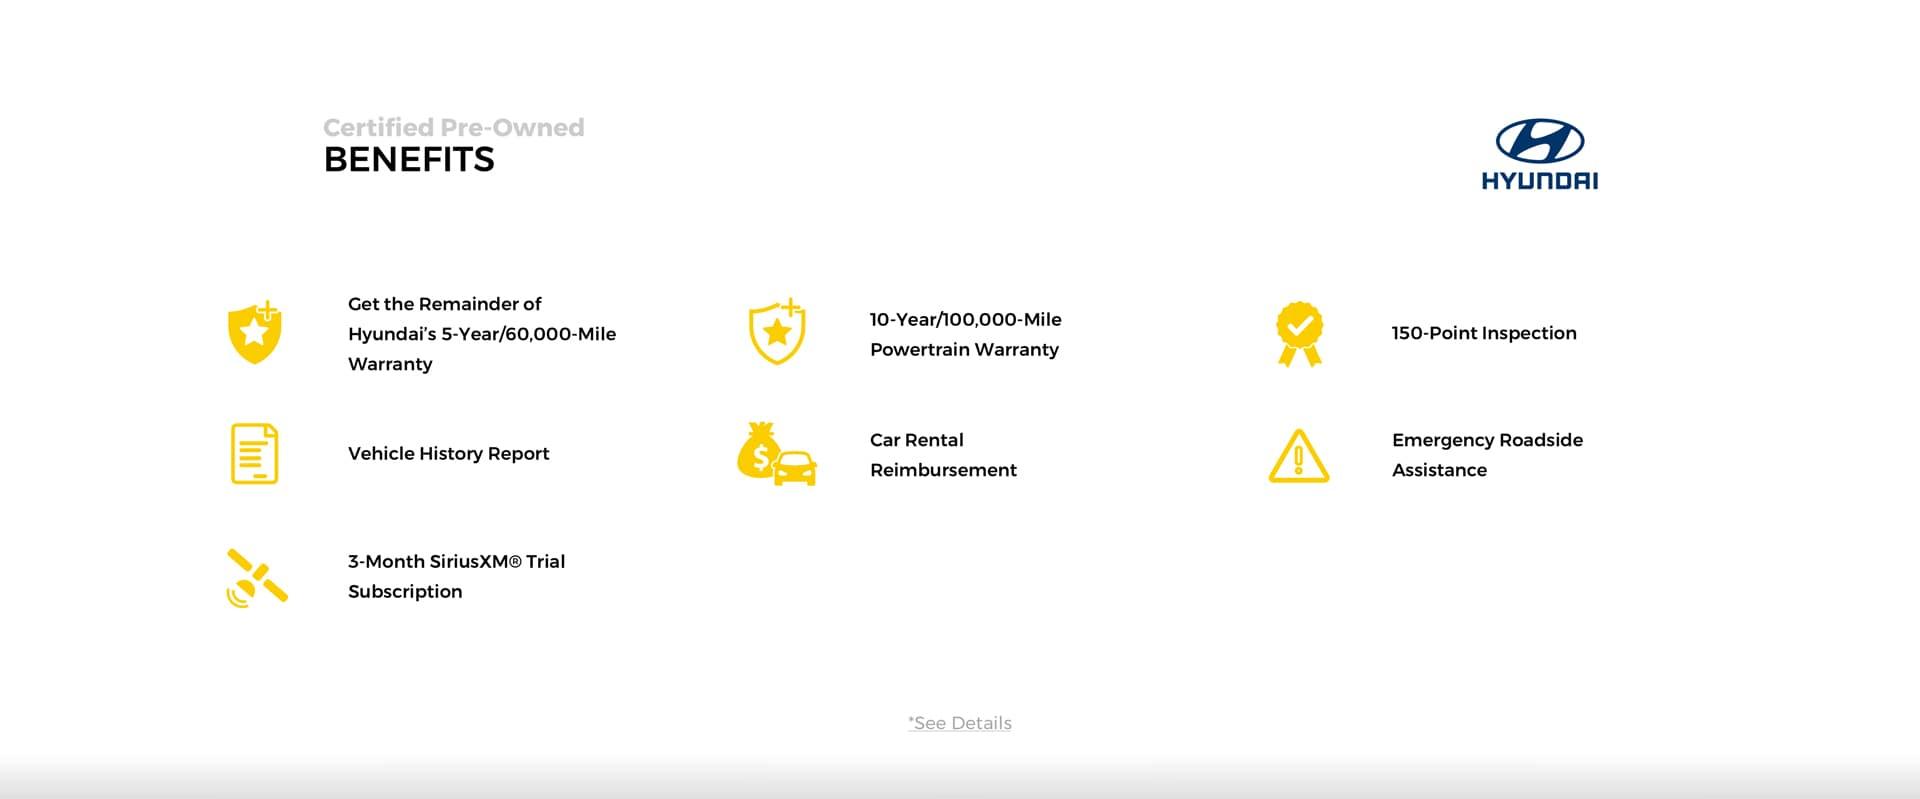 Certified Benefits of Hyundai